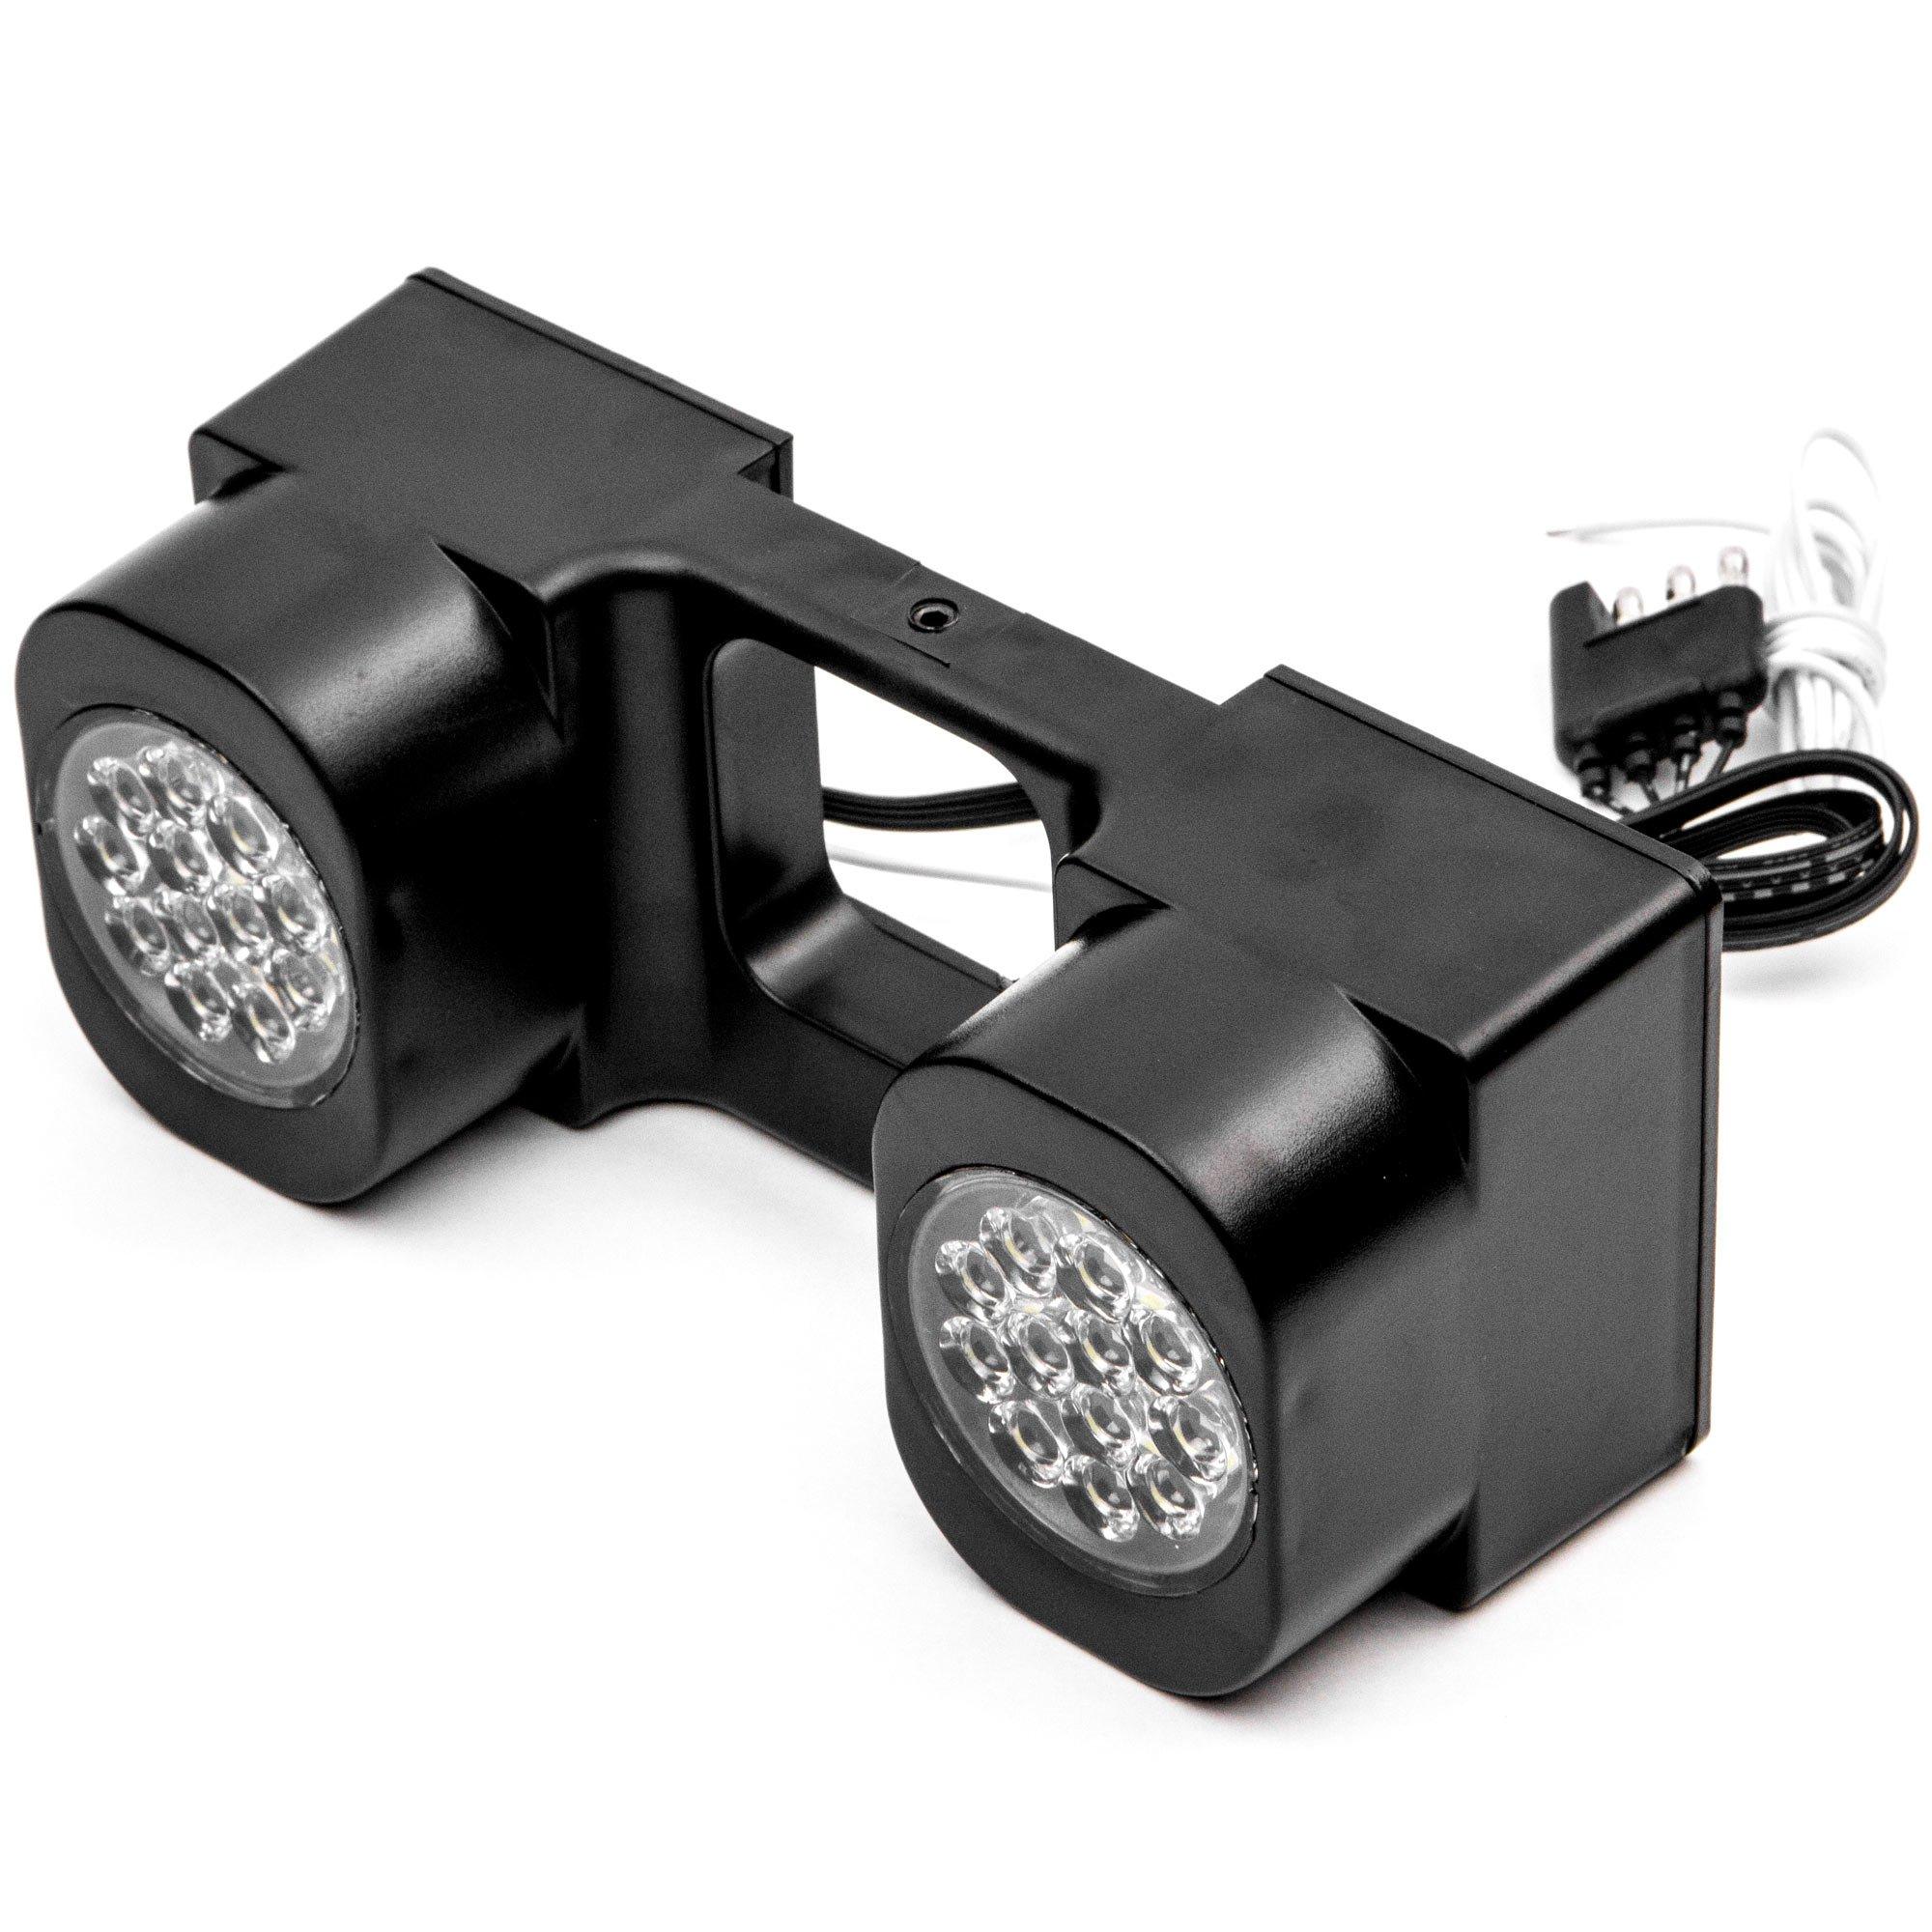 Krator LED Hitch Light Brake Reverse Signal Light for Trucks Trailer SUV 2'' Receiver for Honda CR-V Element HR-V Pilot Ridgeline